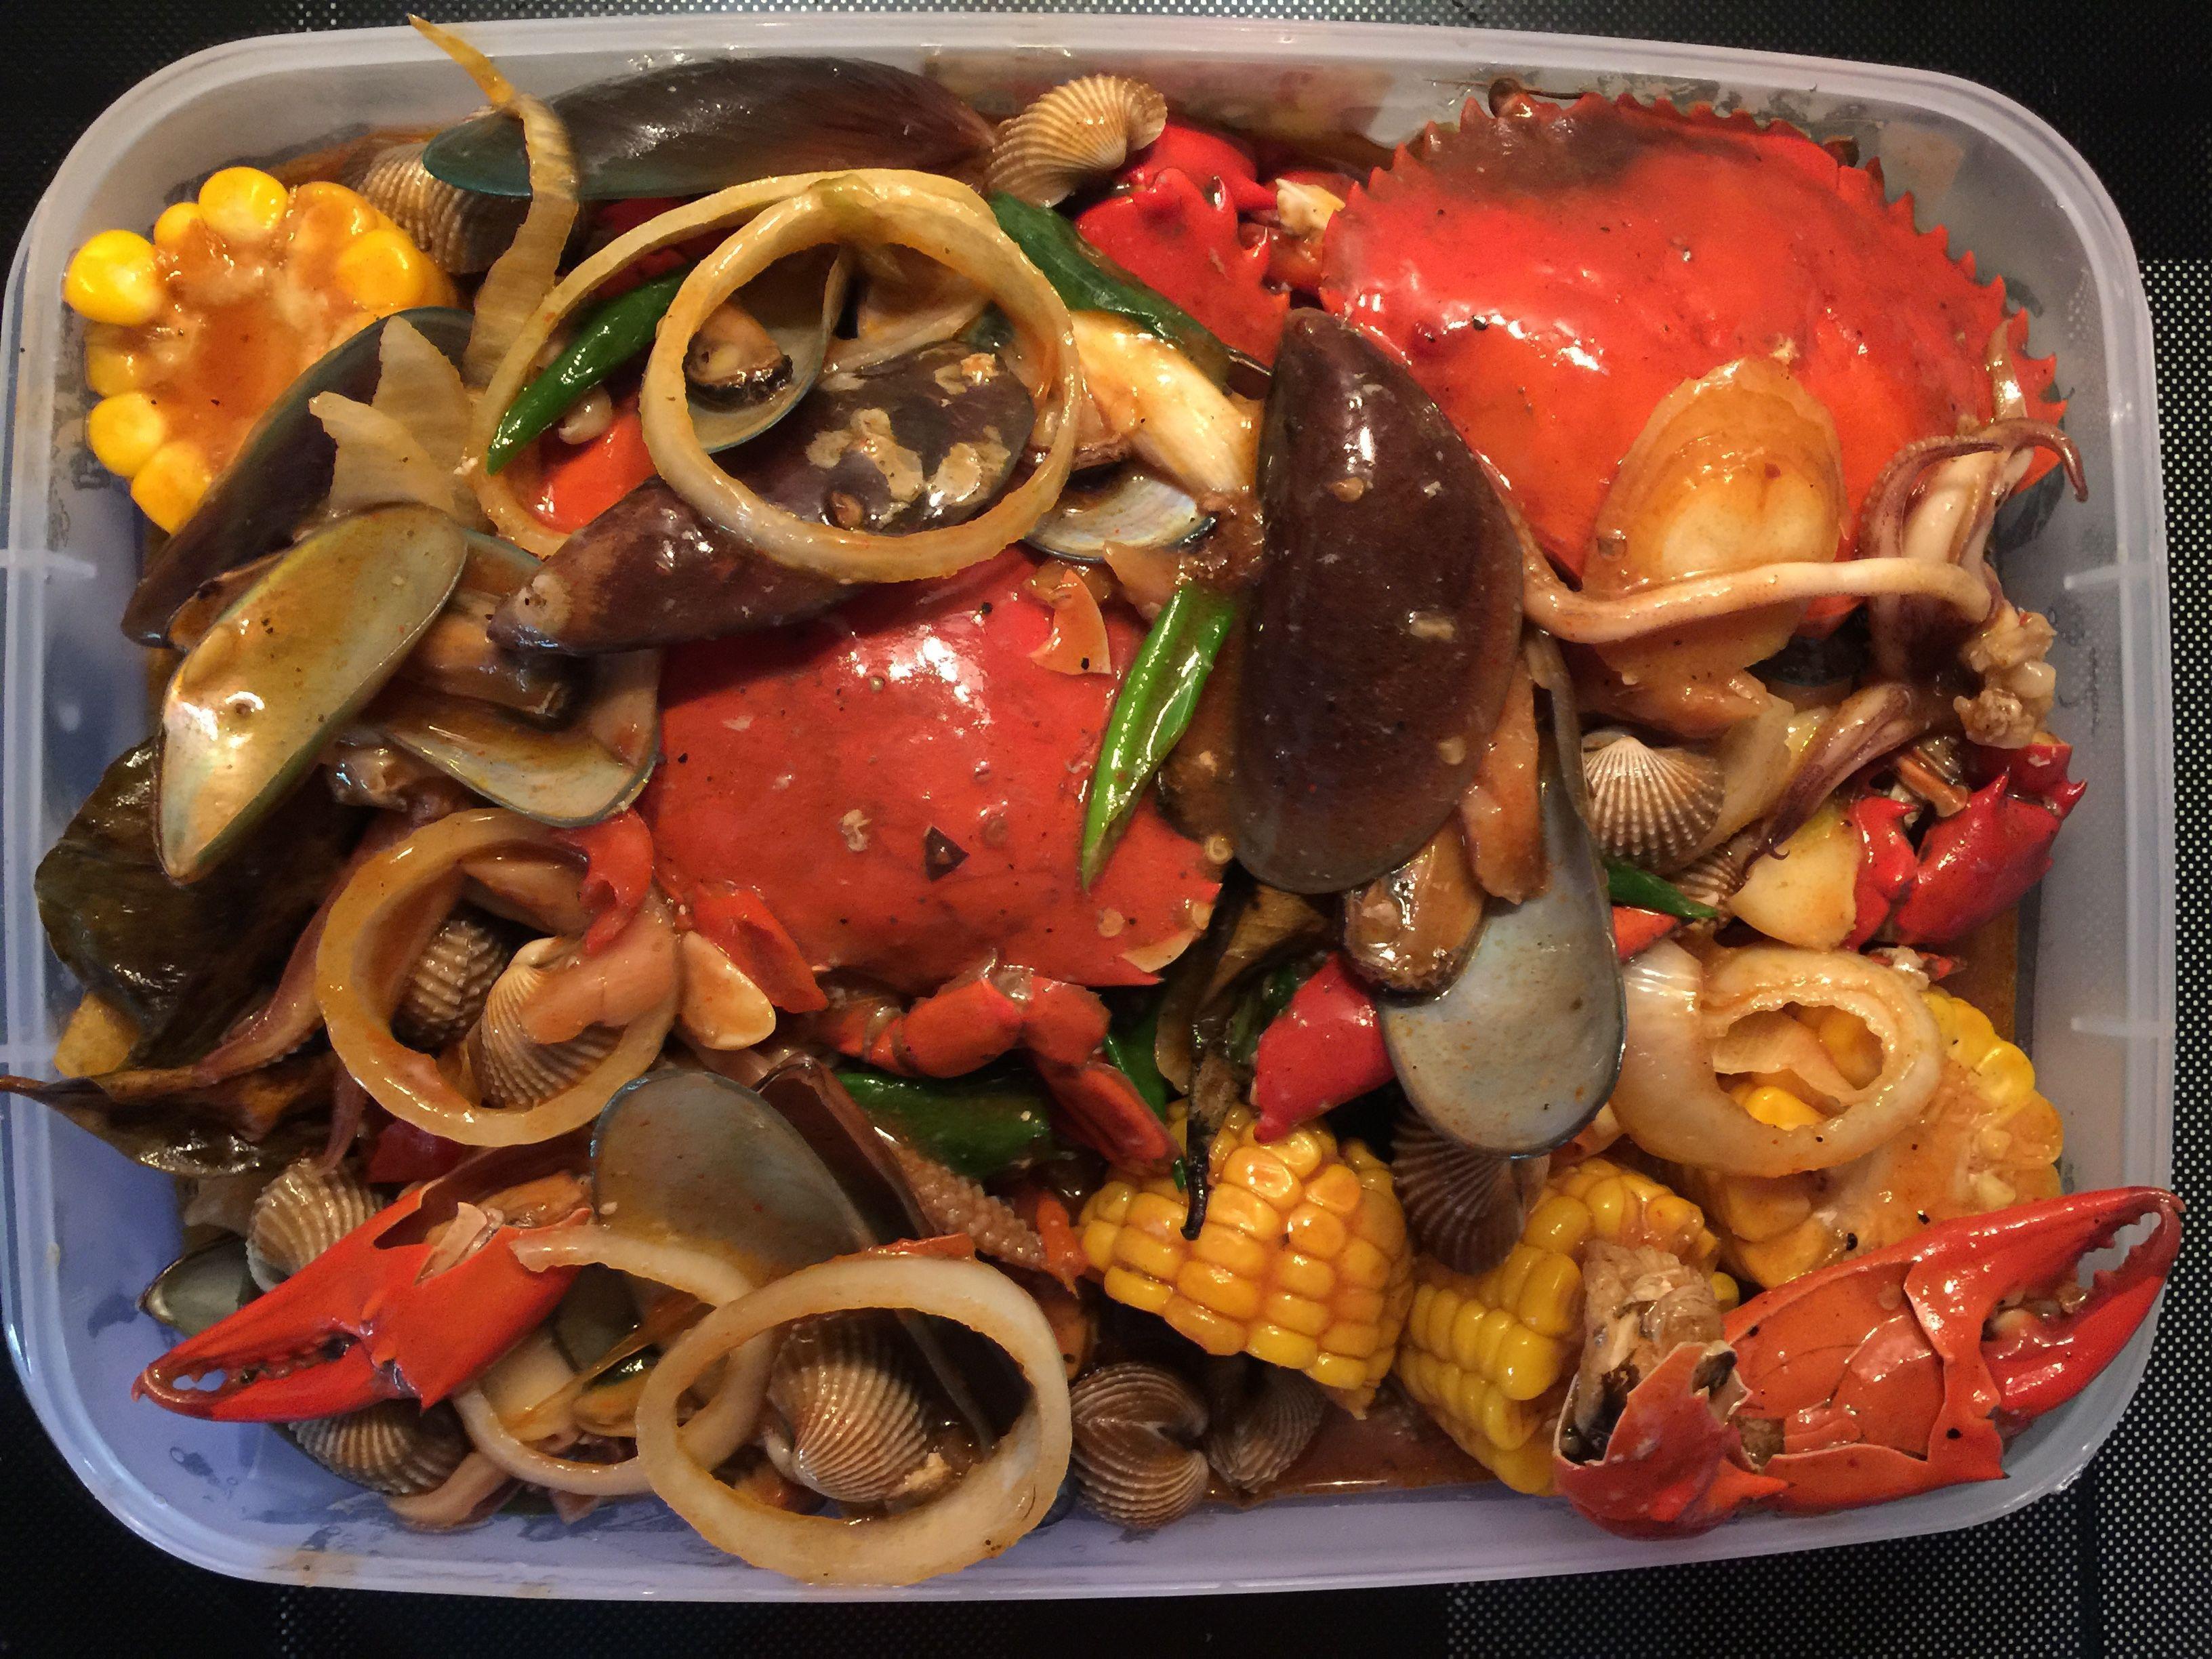 Resep Masak Kepiting Saus Padang Asam Manis Saus Tiram Pedas Dan Lada Hitam Sederhana Makanan Pedas Makanan Dan Minuman Resep Udang